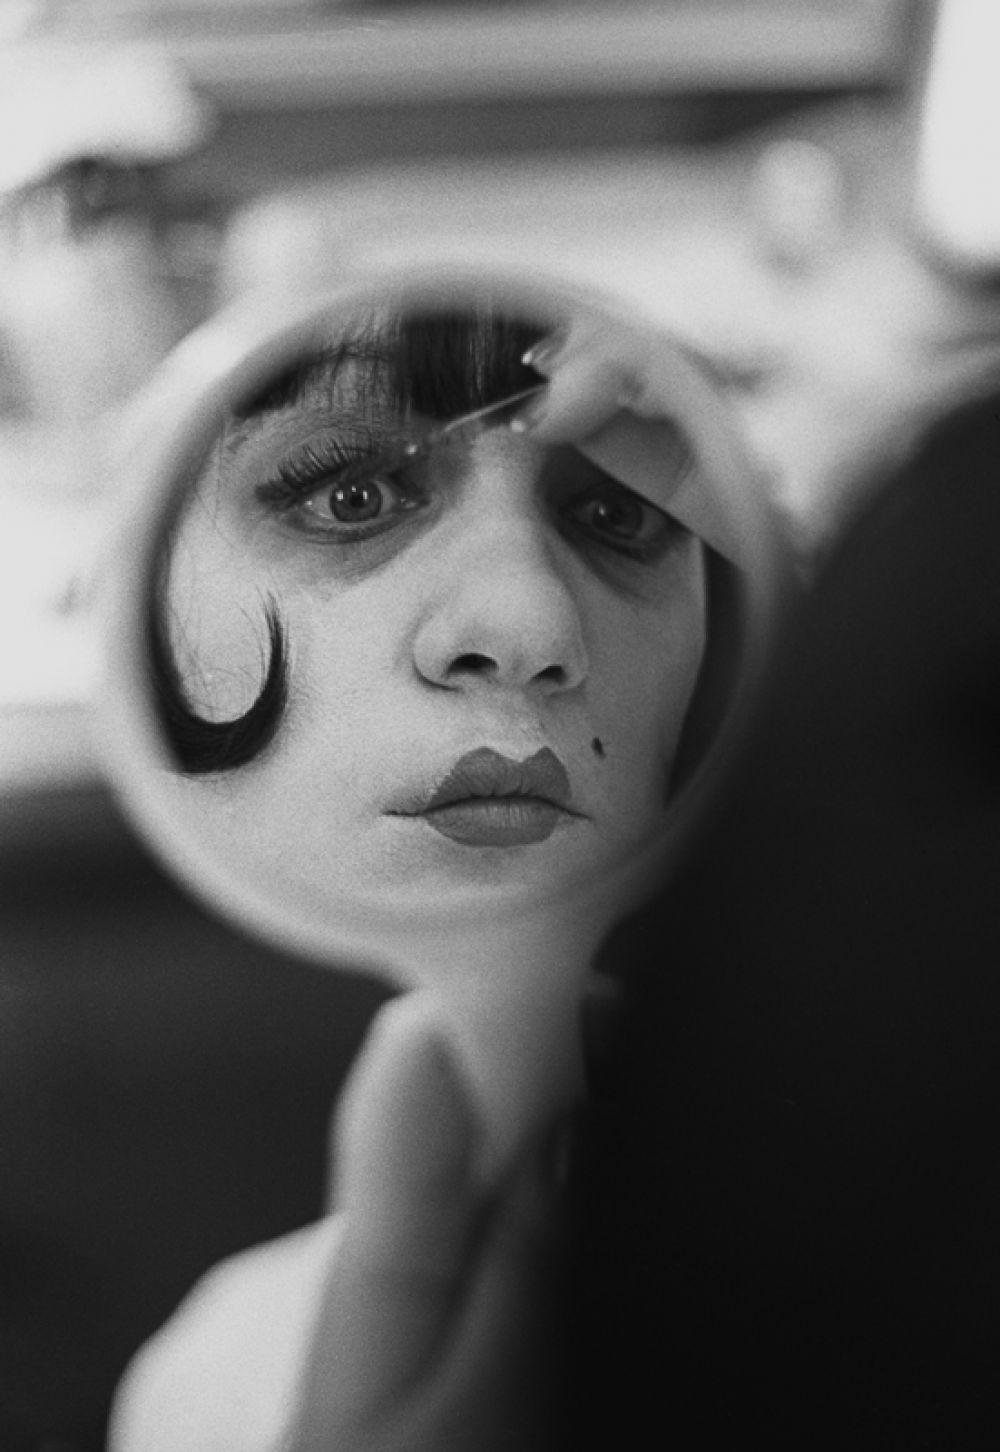 Галина Волчек на съемках фильма «Маяковский смеется» на киностудии Мосфильм, в гримерной, 1975 год.